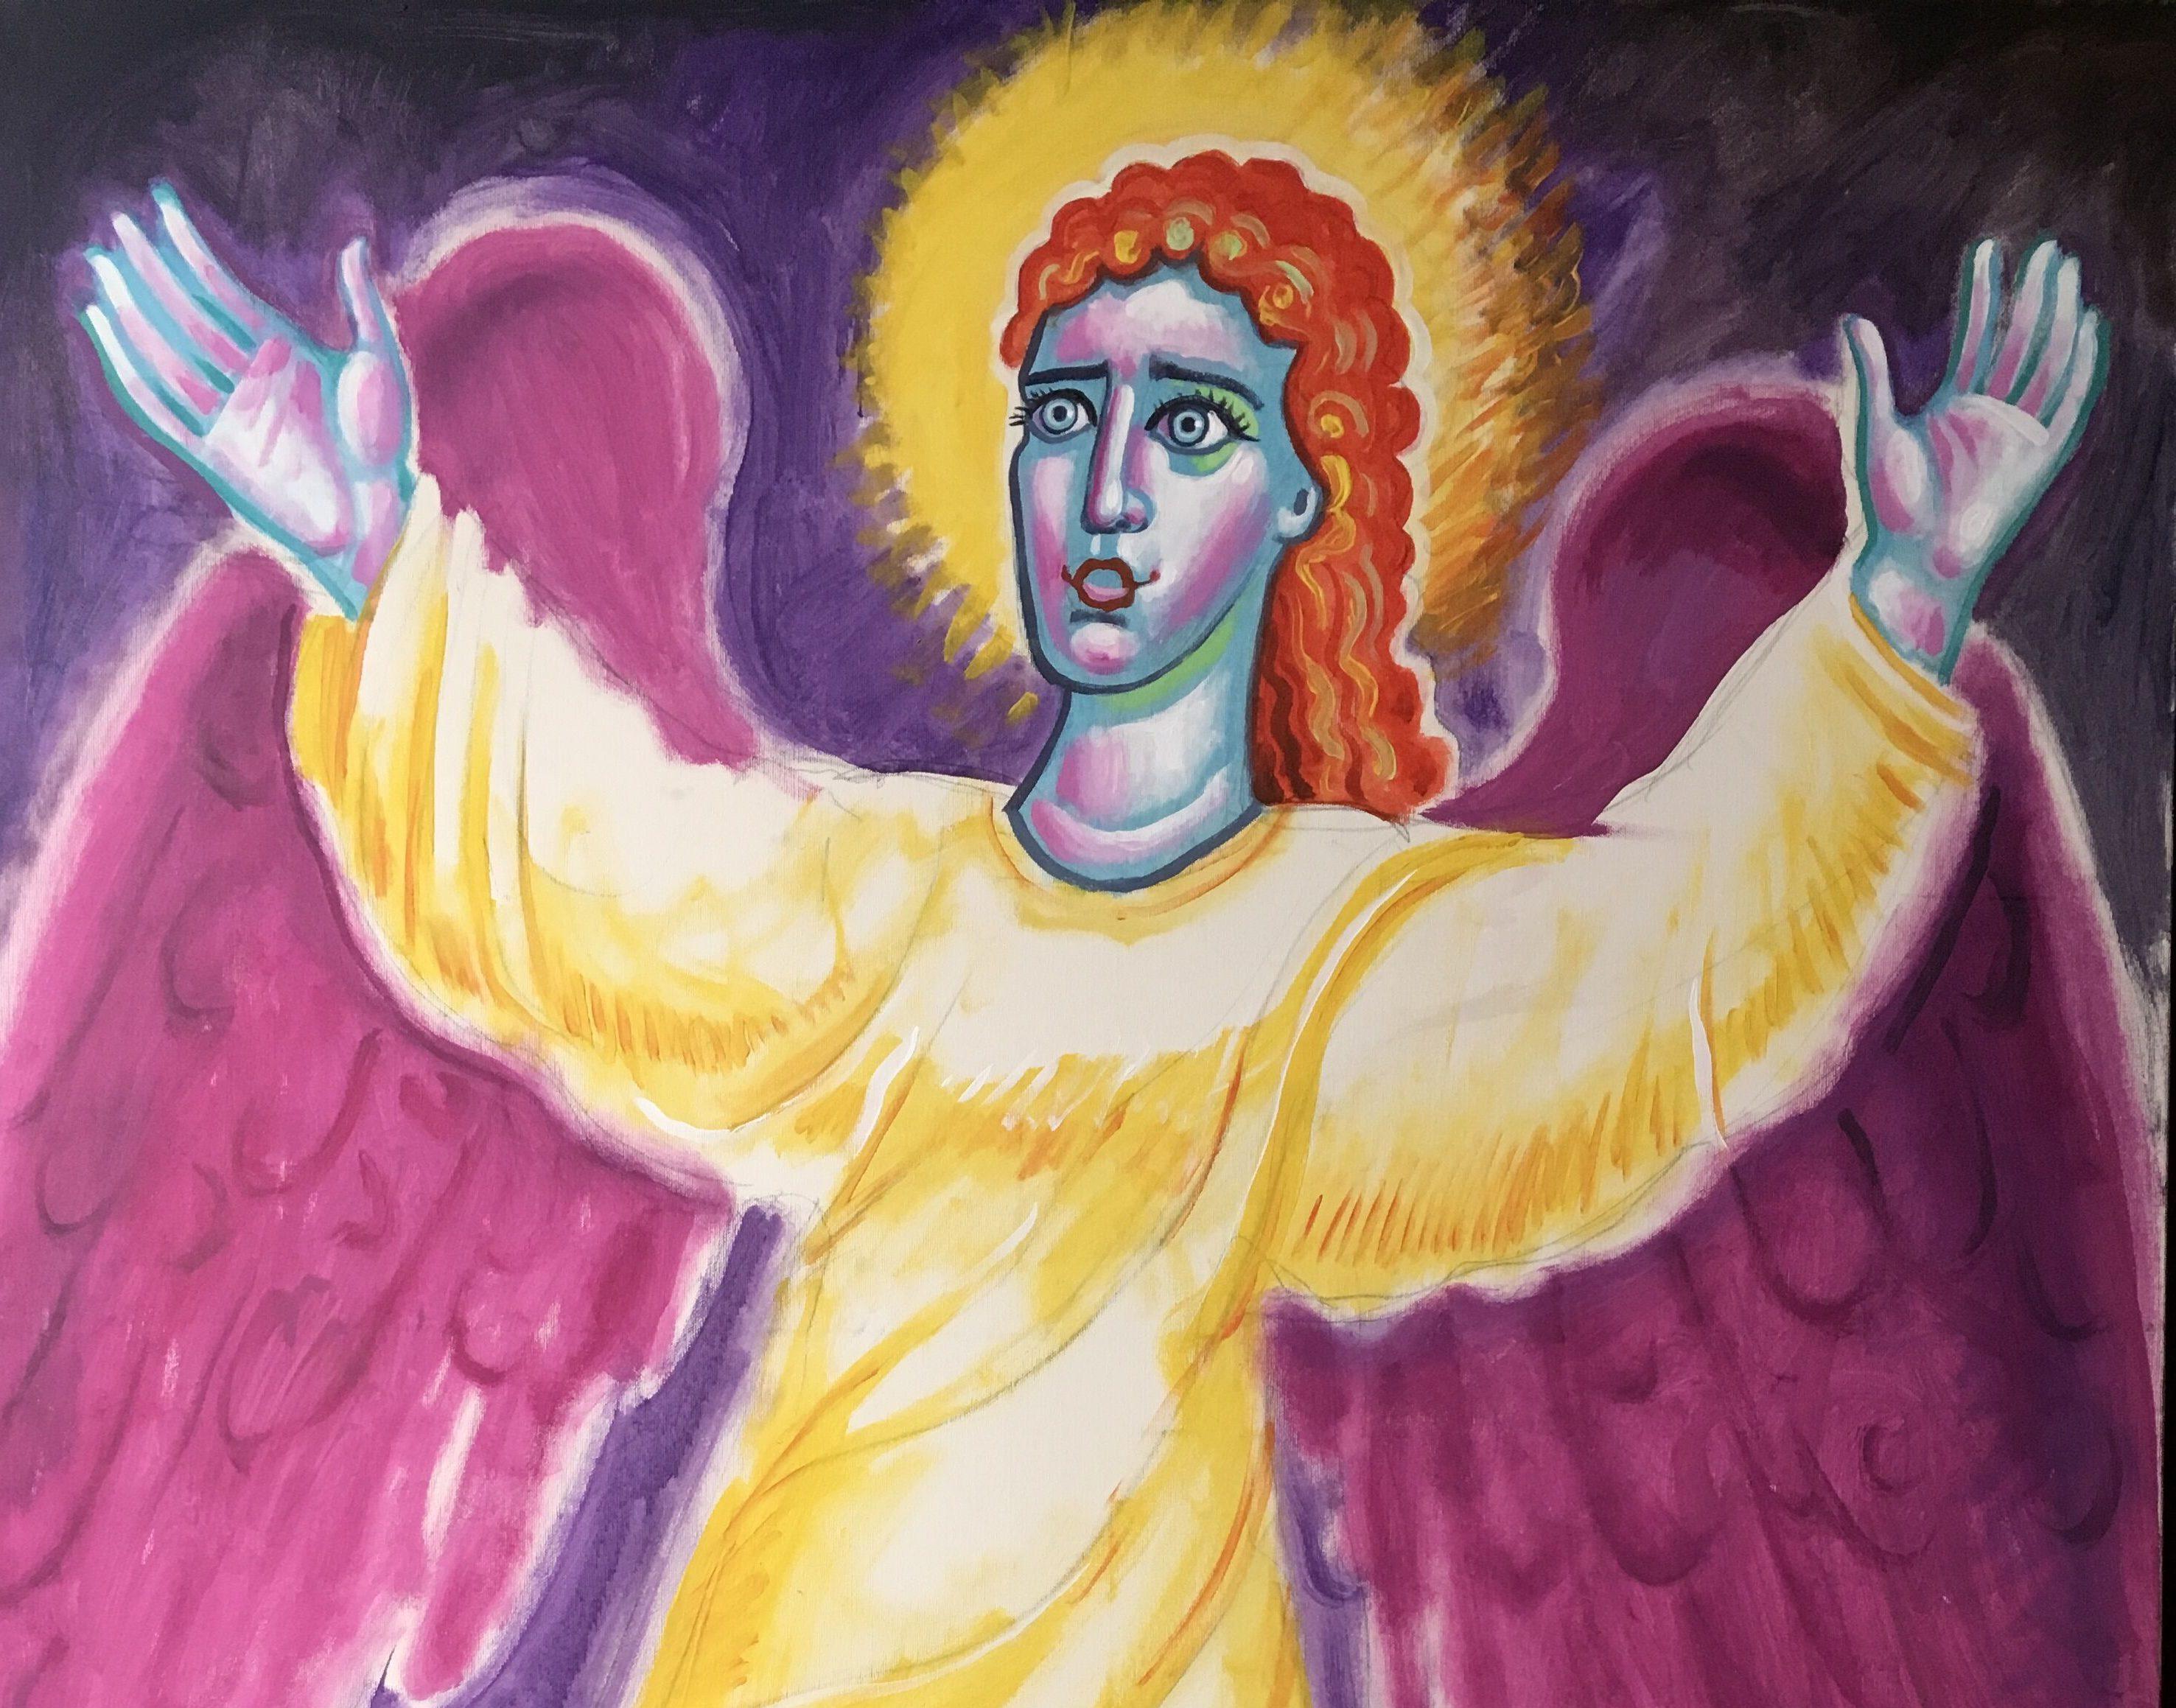 Π. Σταμάτης Σκλήρης, Αγγελος Αναστάσεως, ακρυλικό σε μουσαμά, 125Χ100εκ